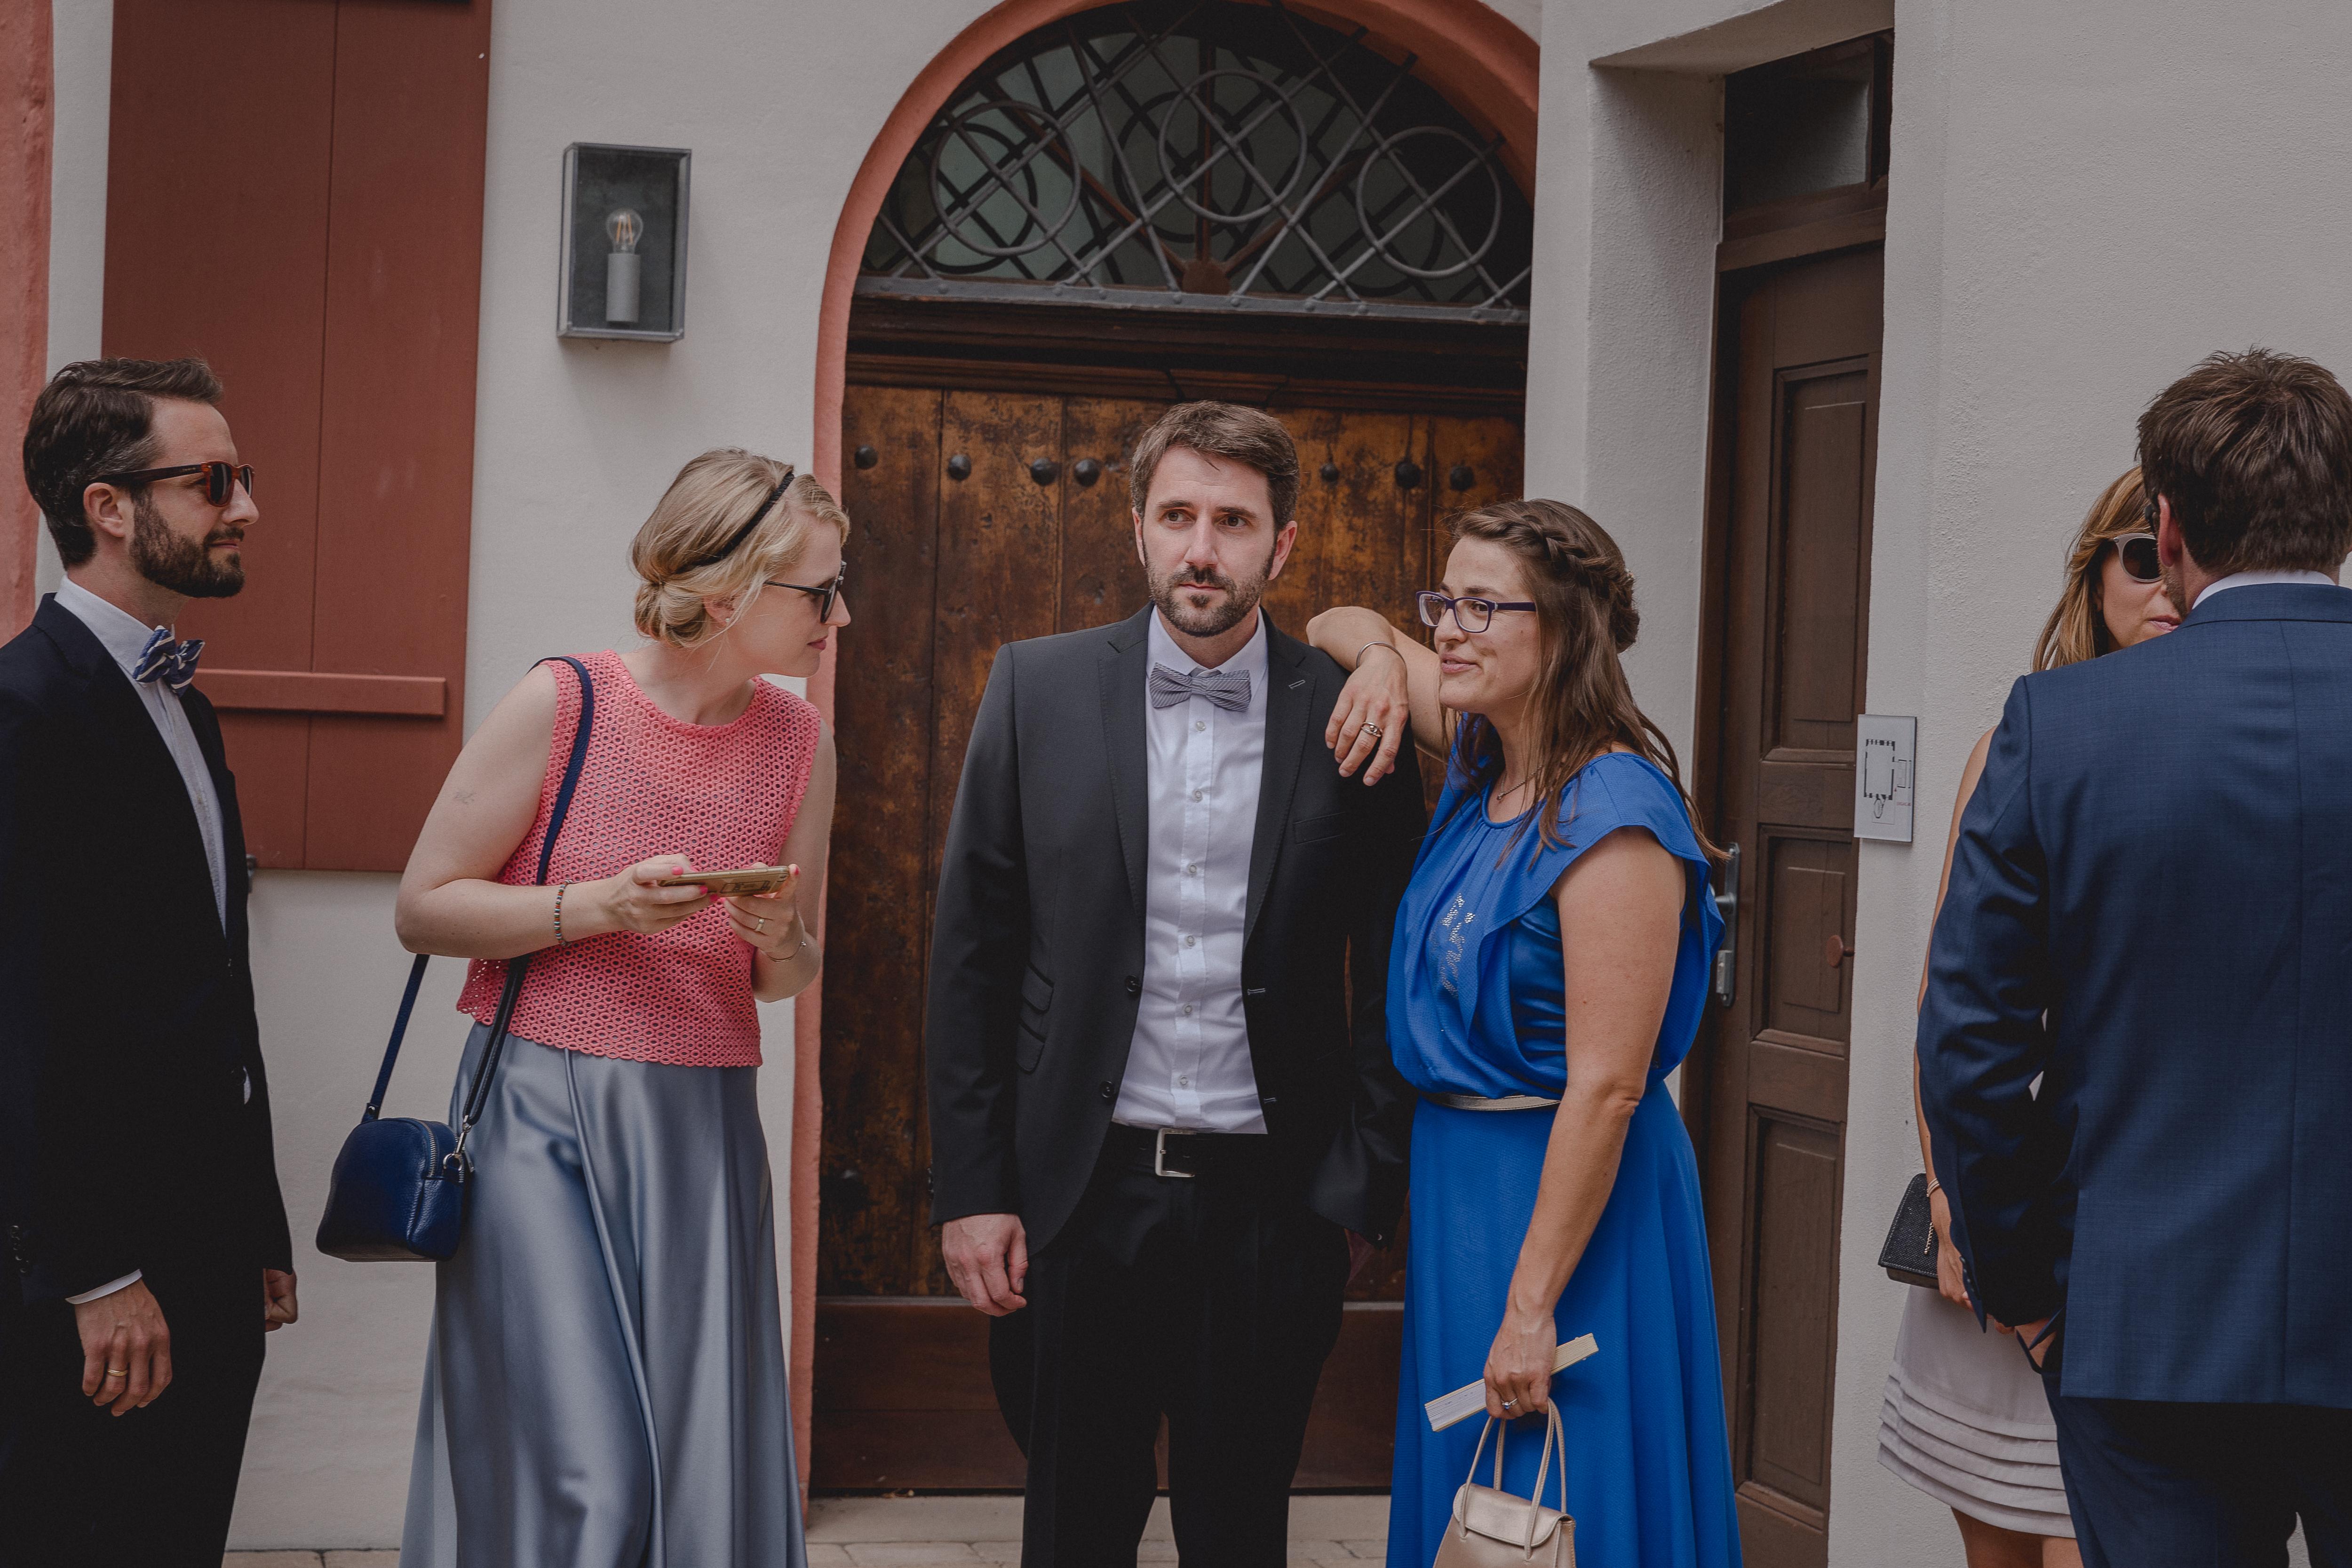 Hochzeitsfotograf-Nuernberg-Design-Offices-Urbanerie-Sabrina-und-Simon-023